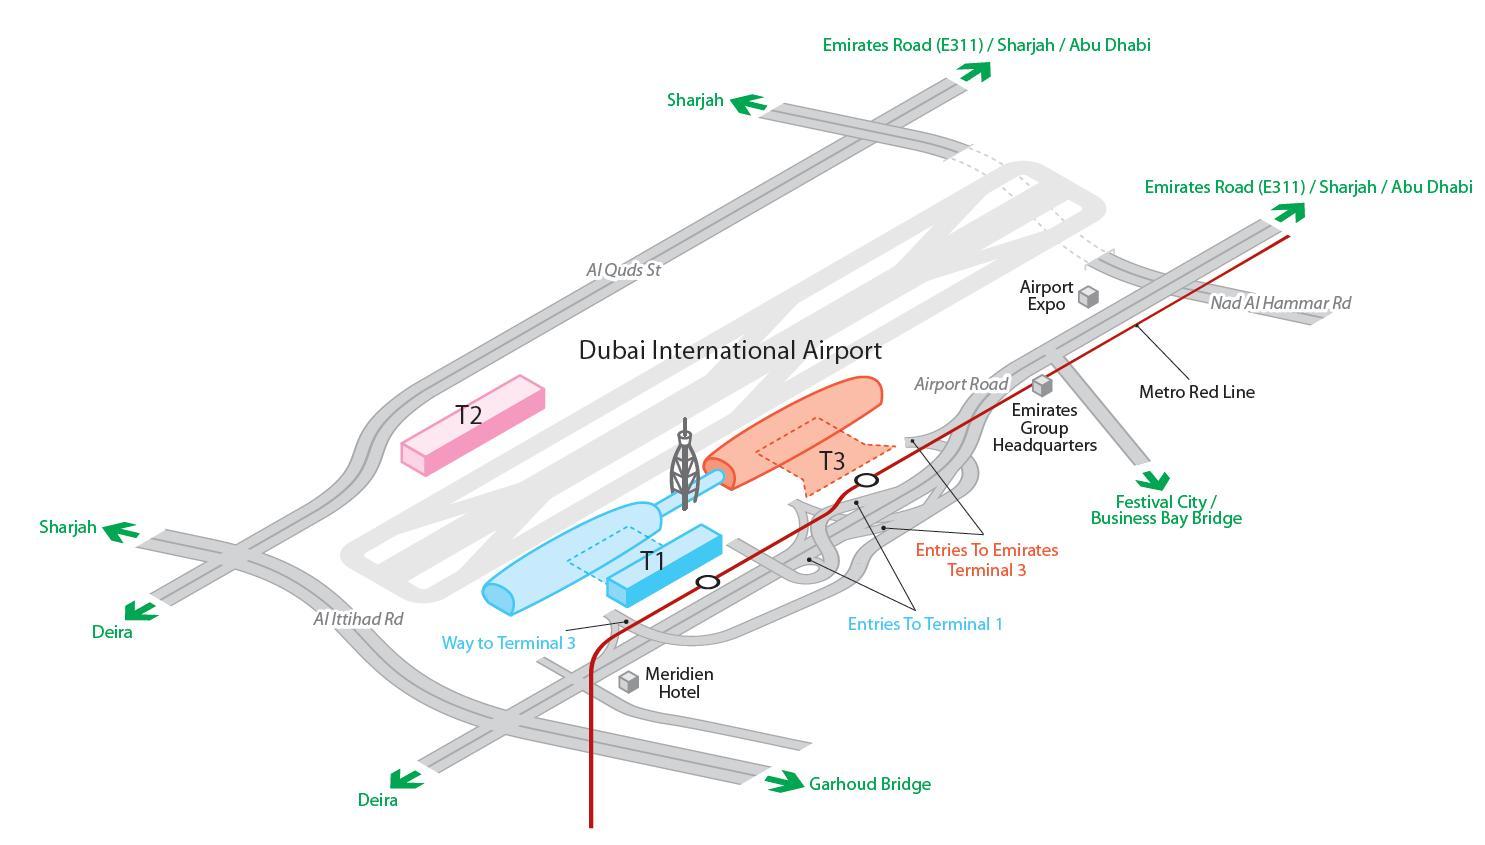 Дубай 3 терминал схема